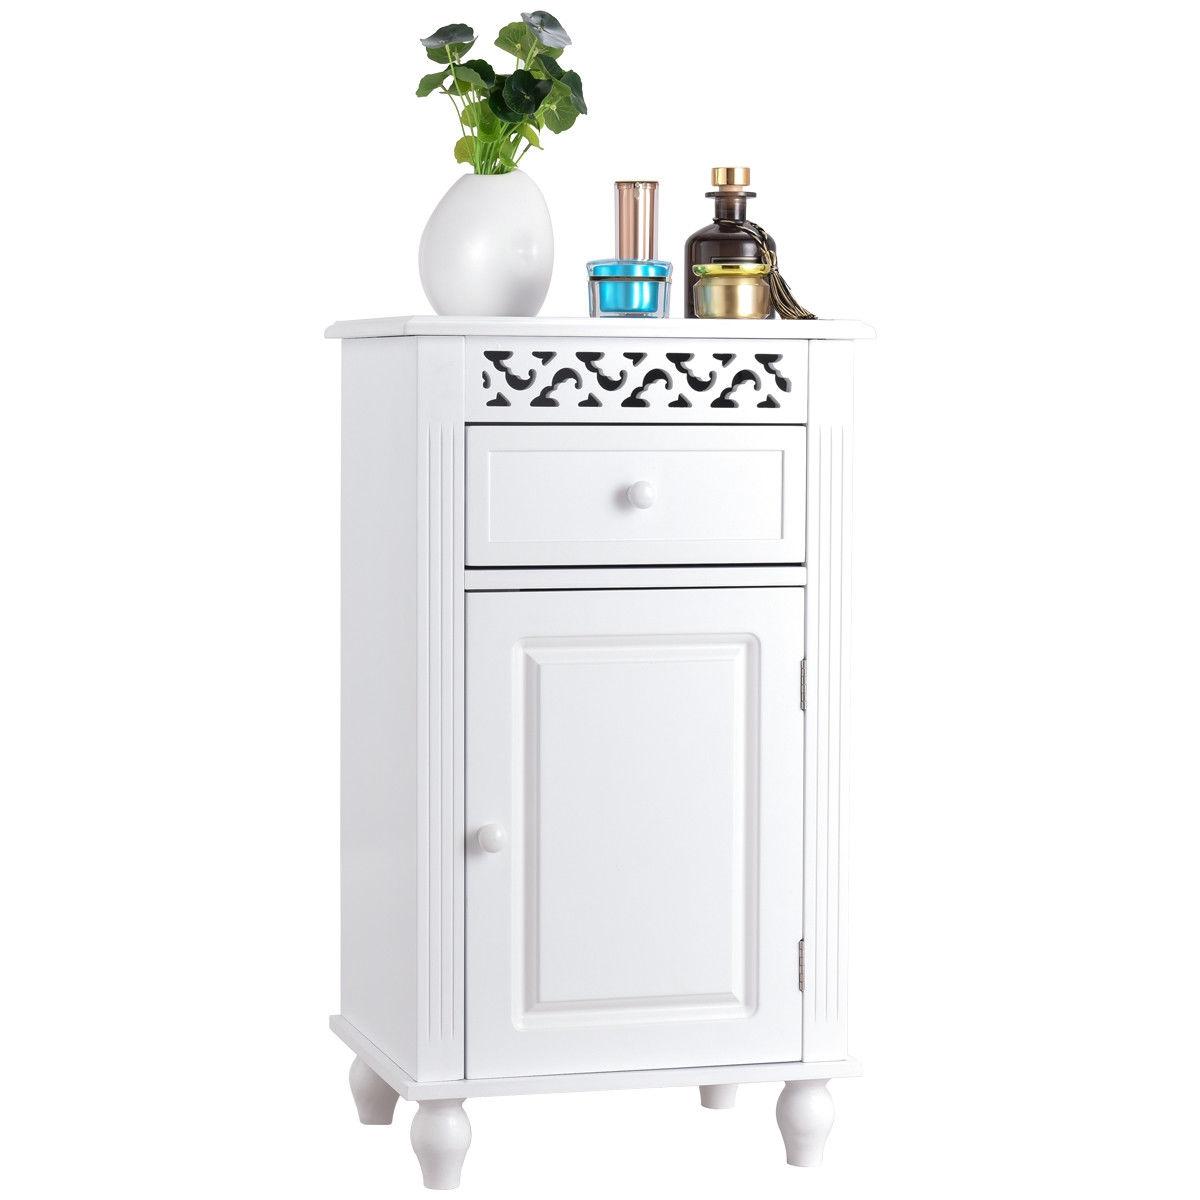 Bathroom Floor Storage Cabinet Organizer with Drawer